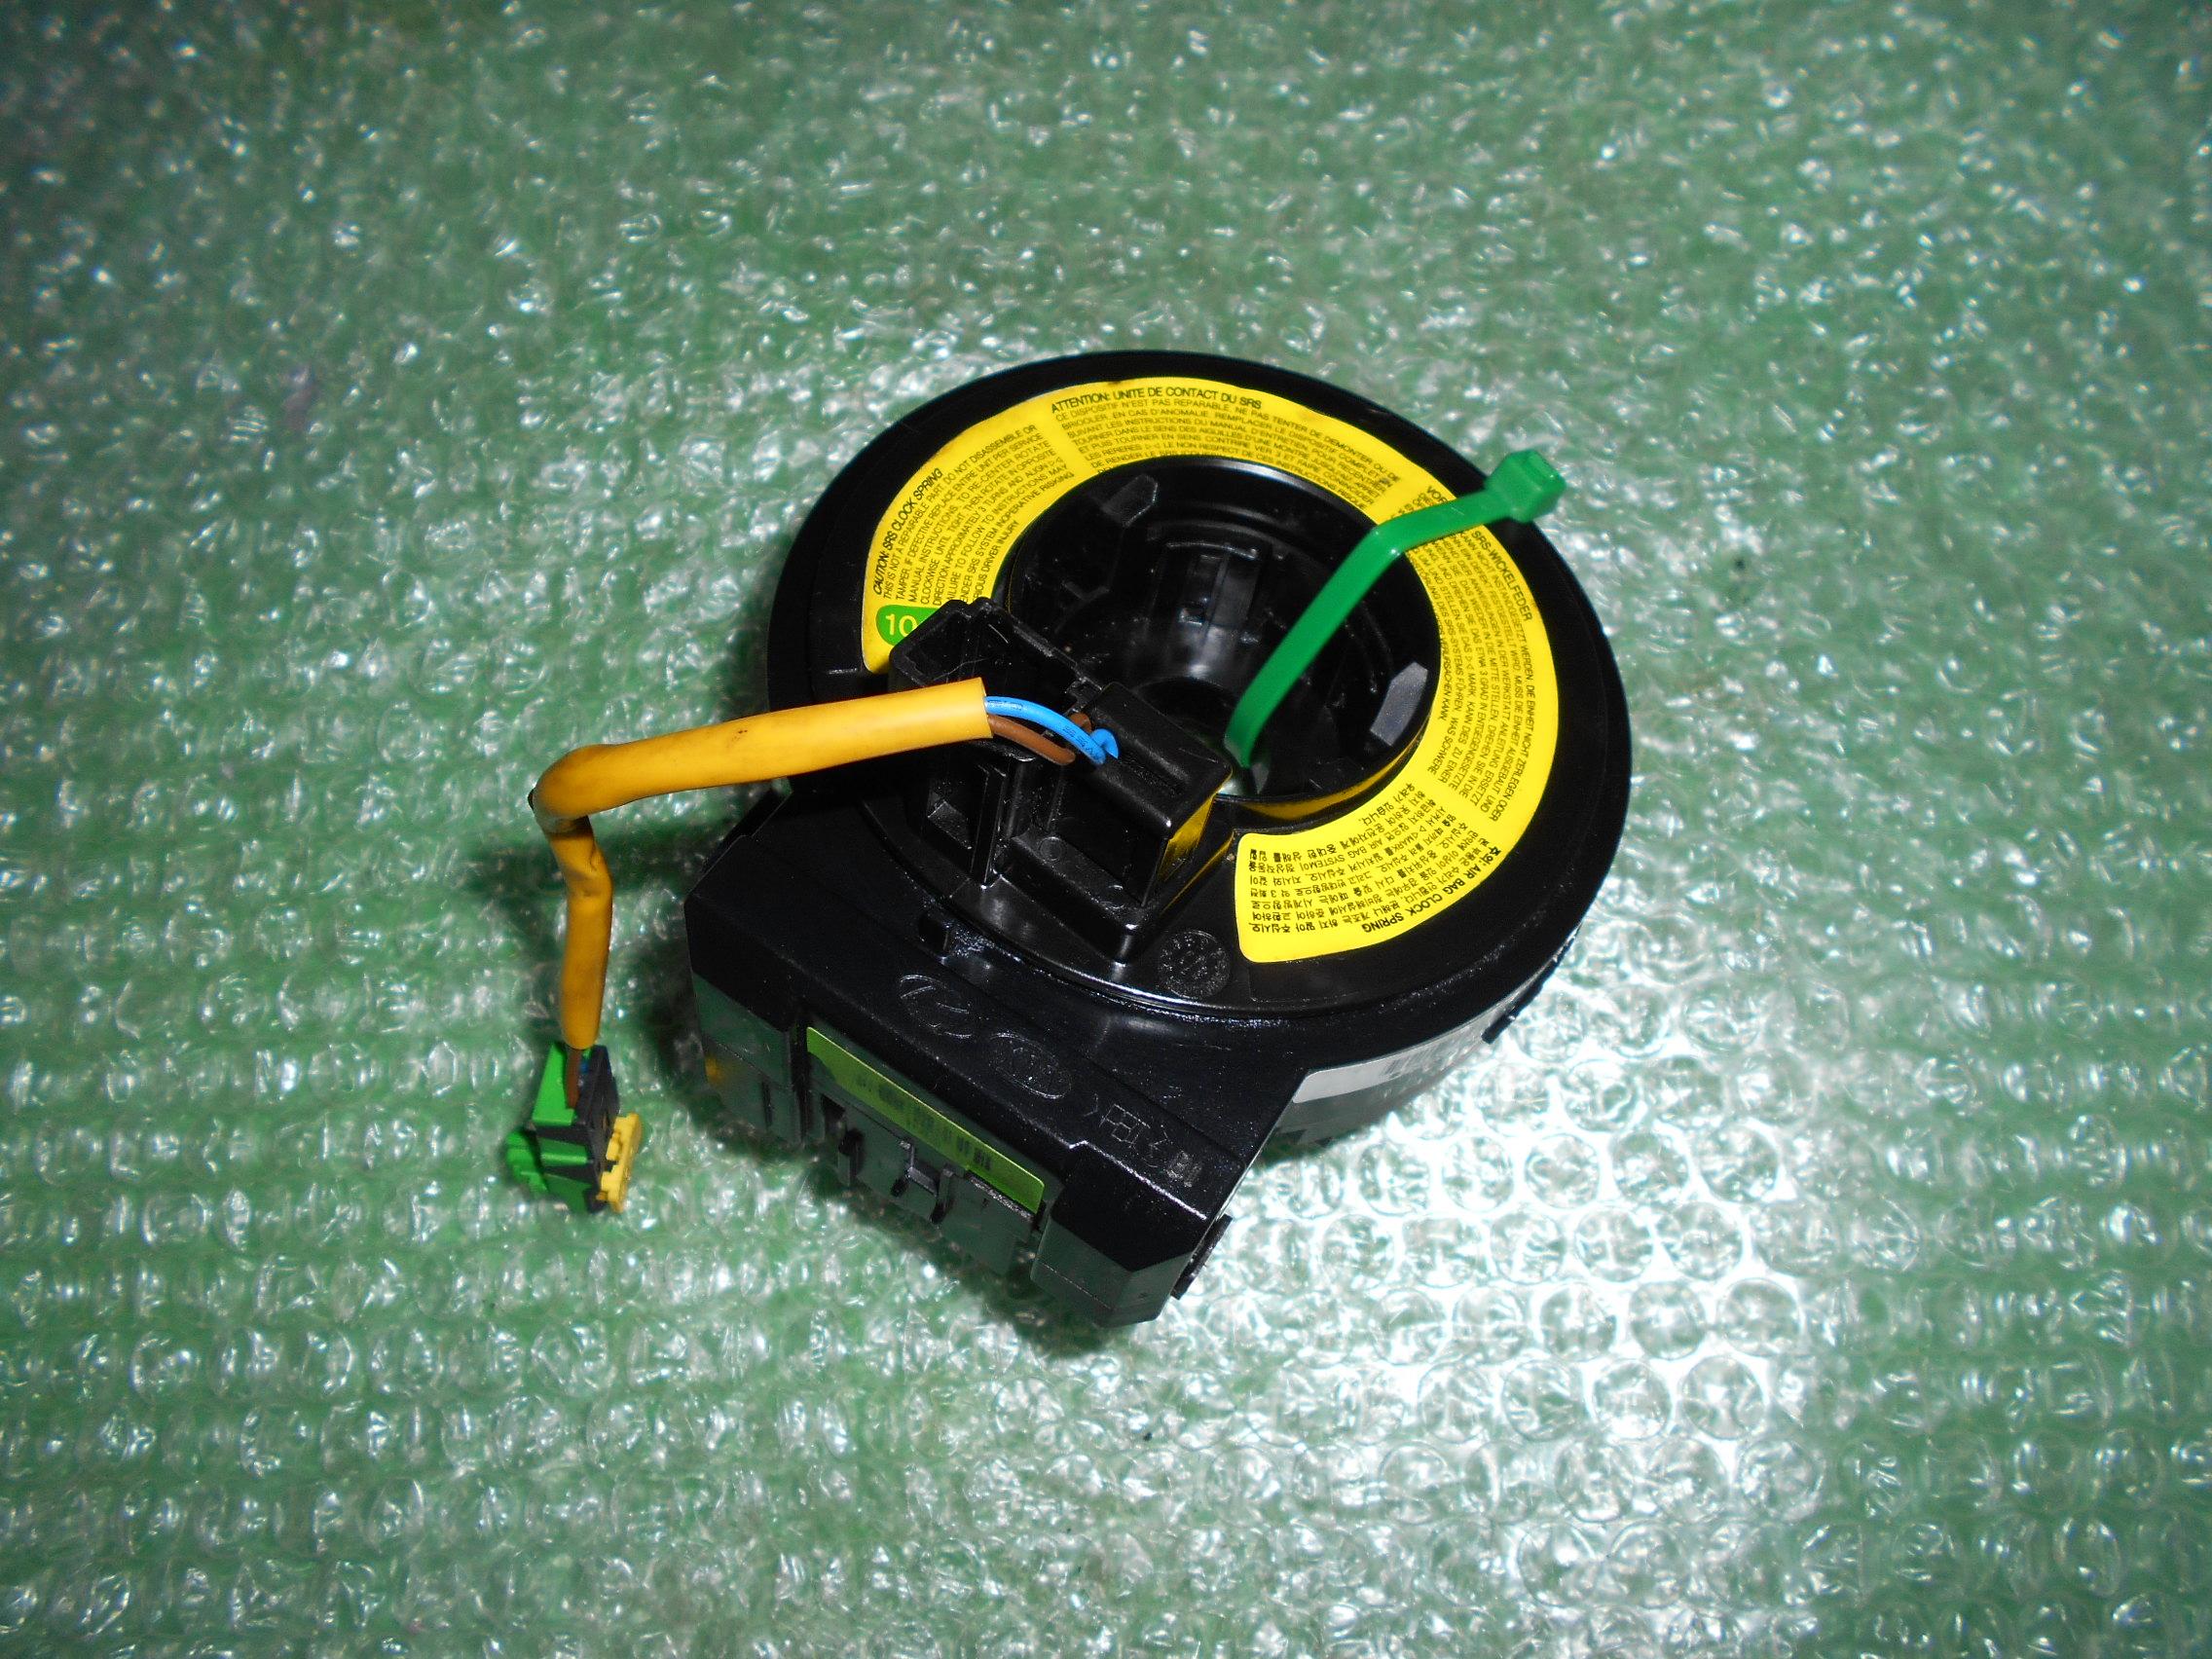 ANILLO DE AIRBAG 93490-1D450 KIA CARENS II (2006-2012)